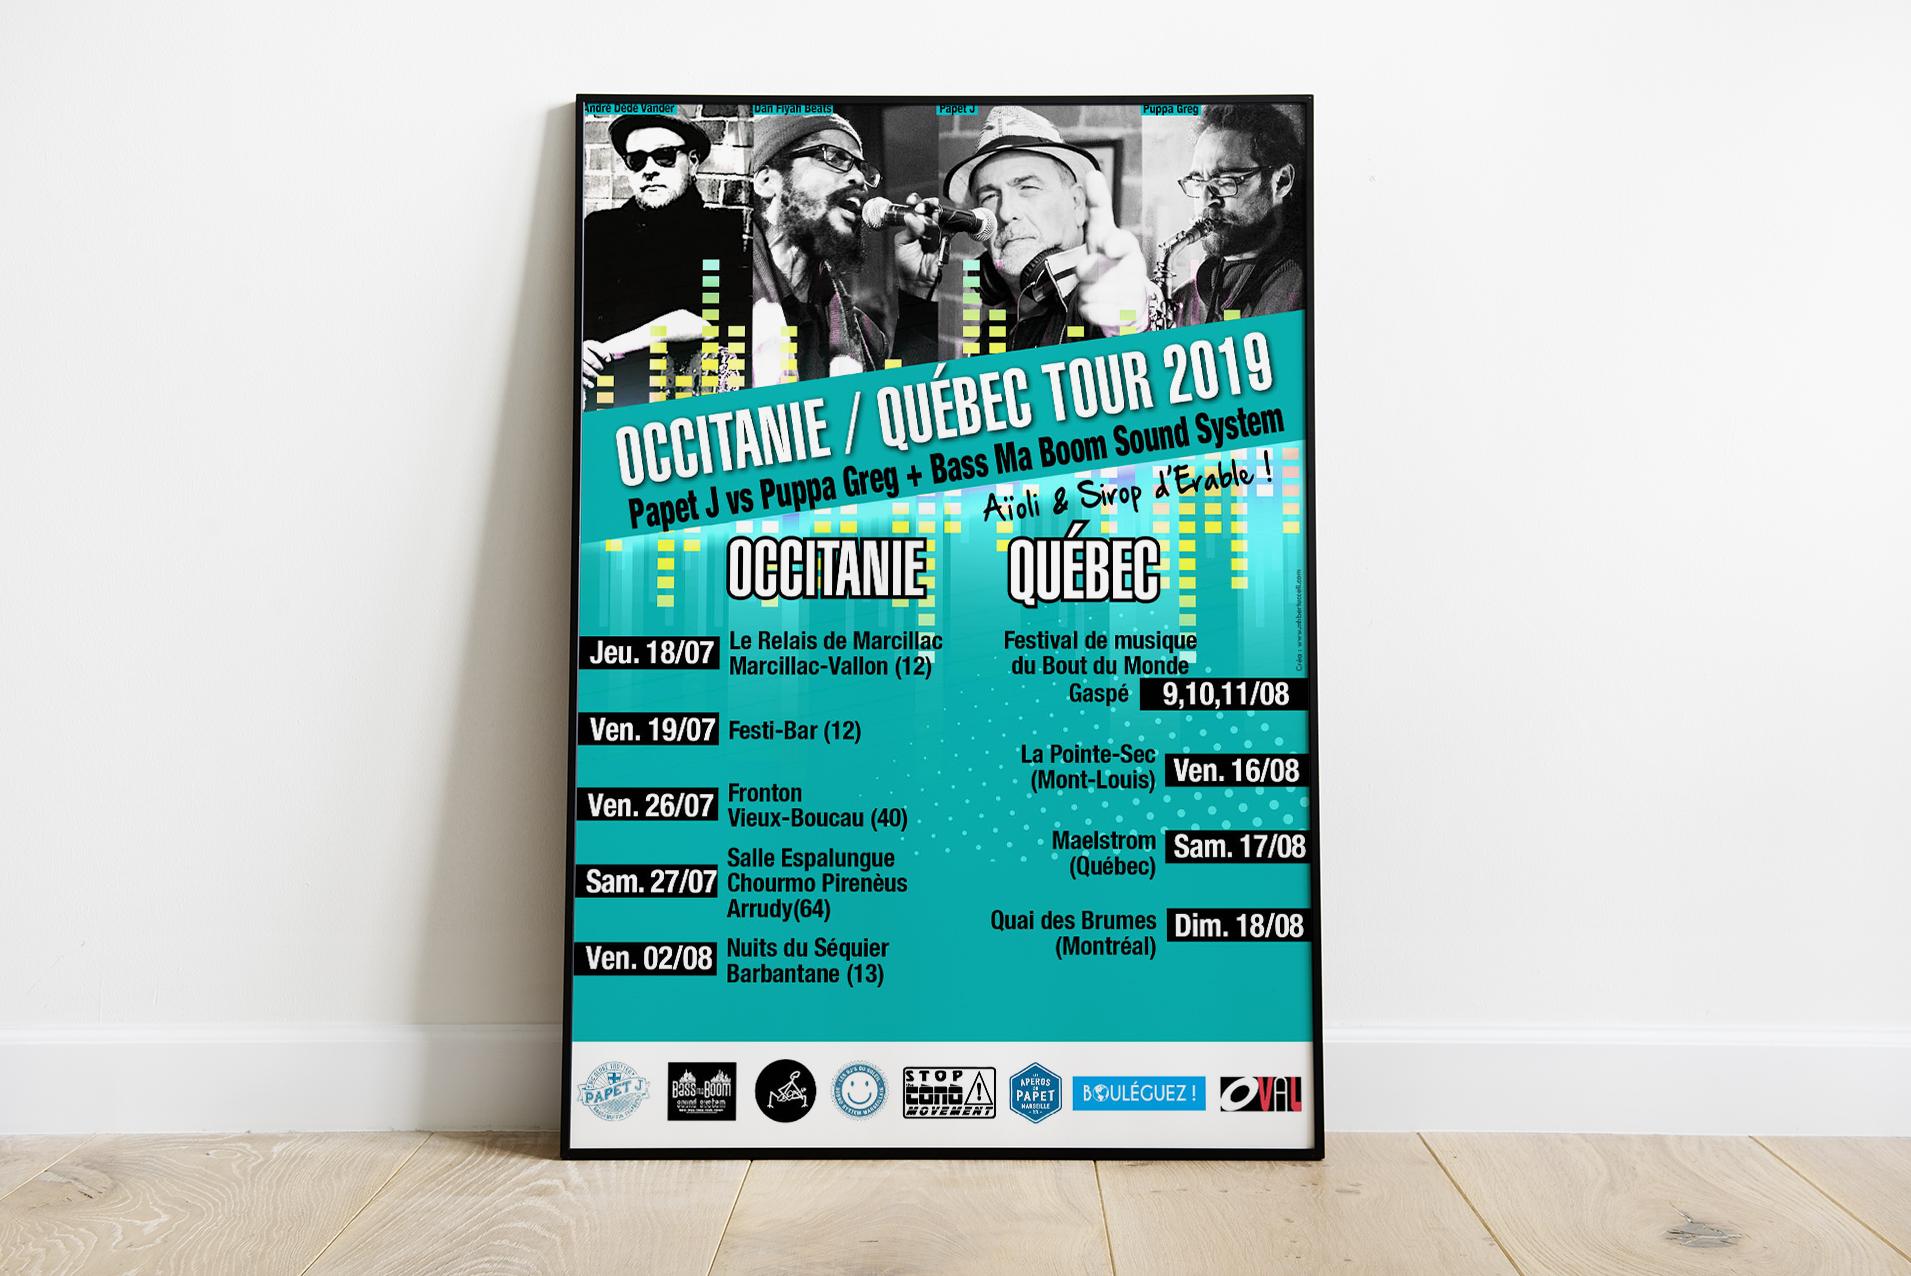 Affiche Papet J - Tournée Occitanie Québec